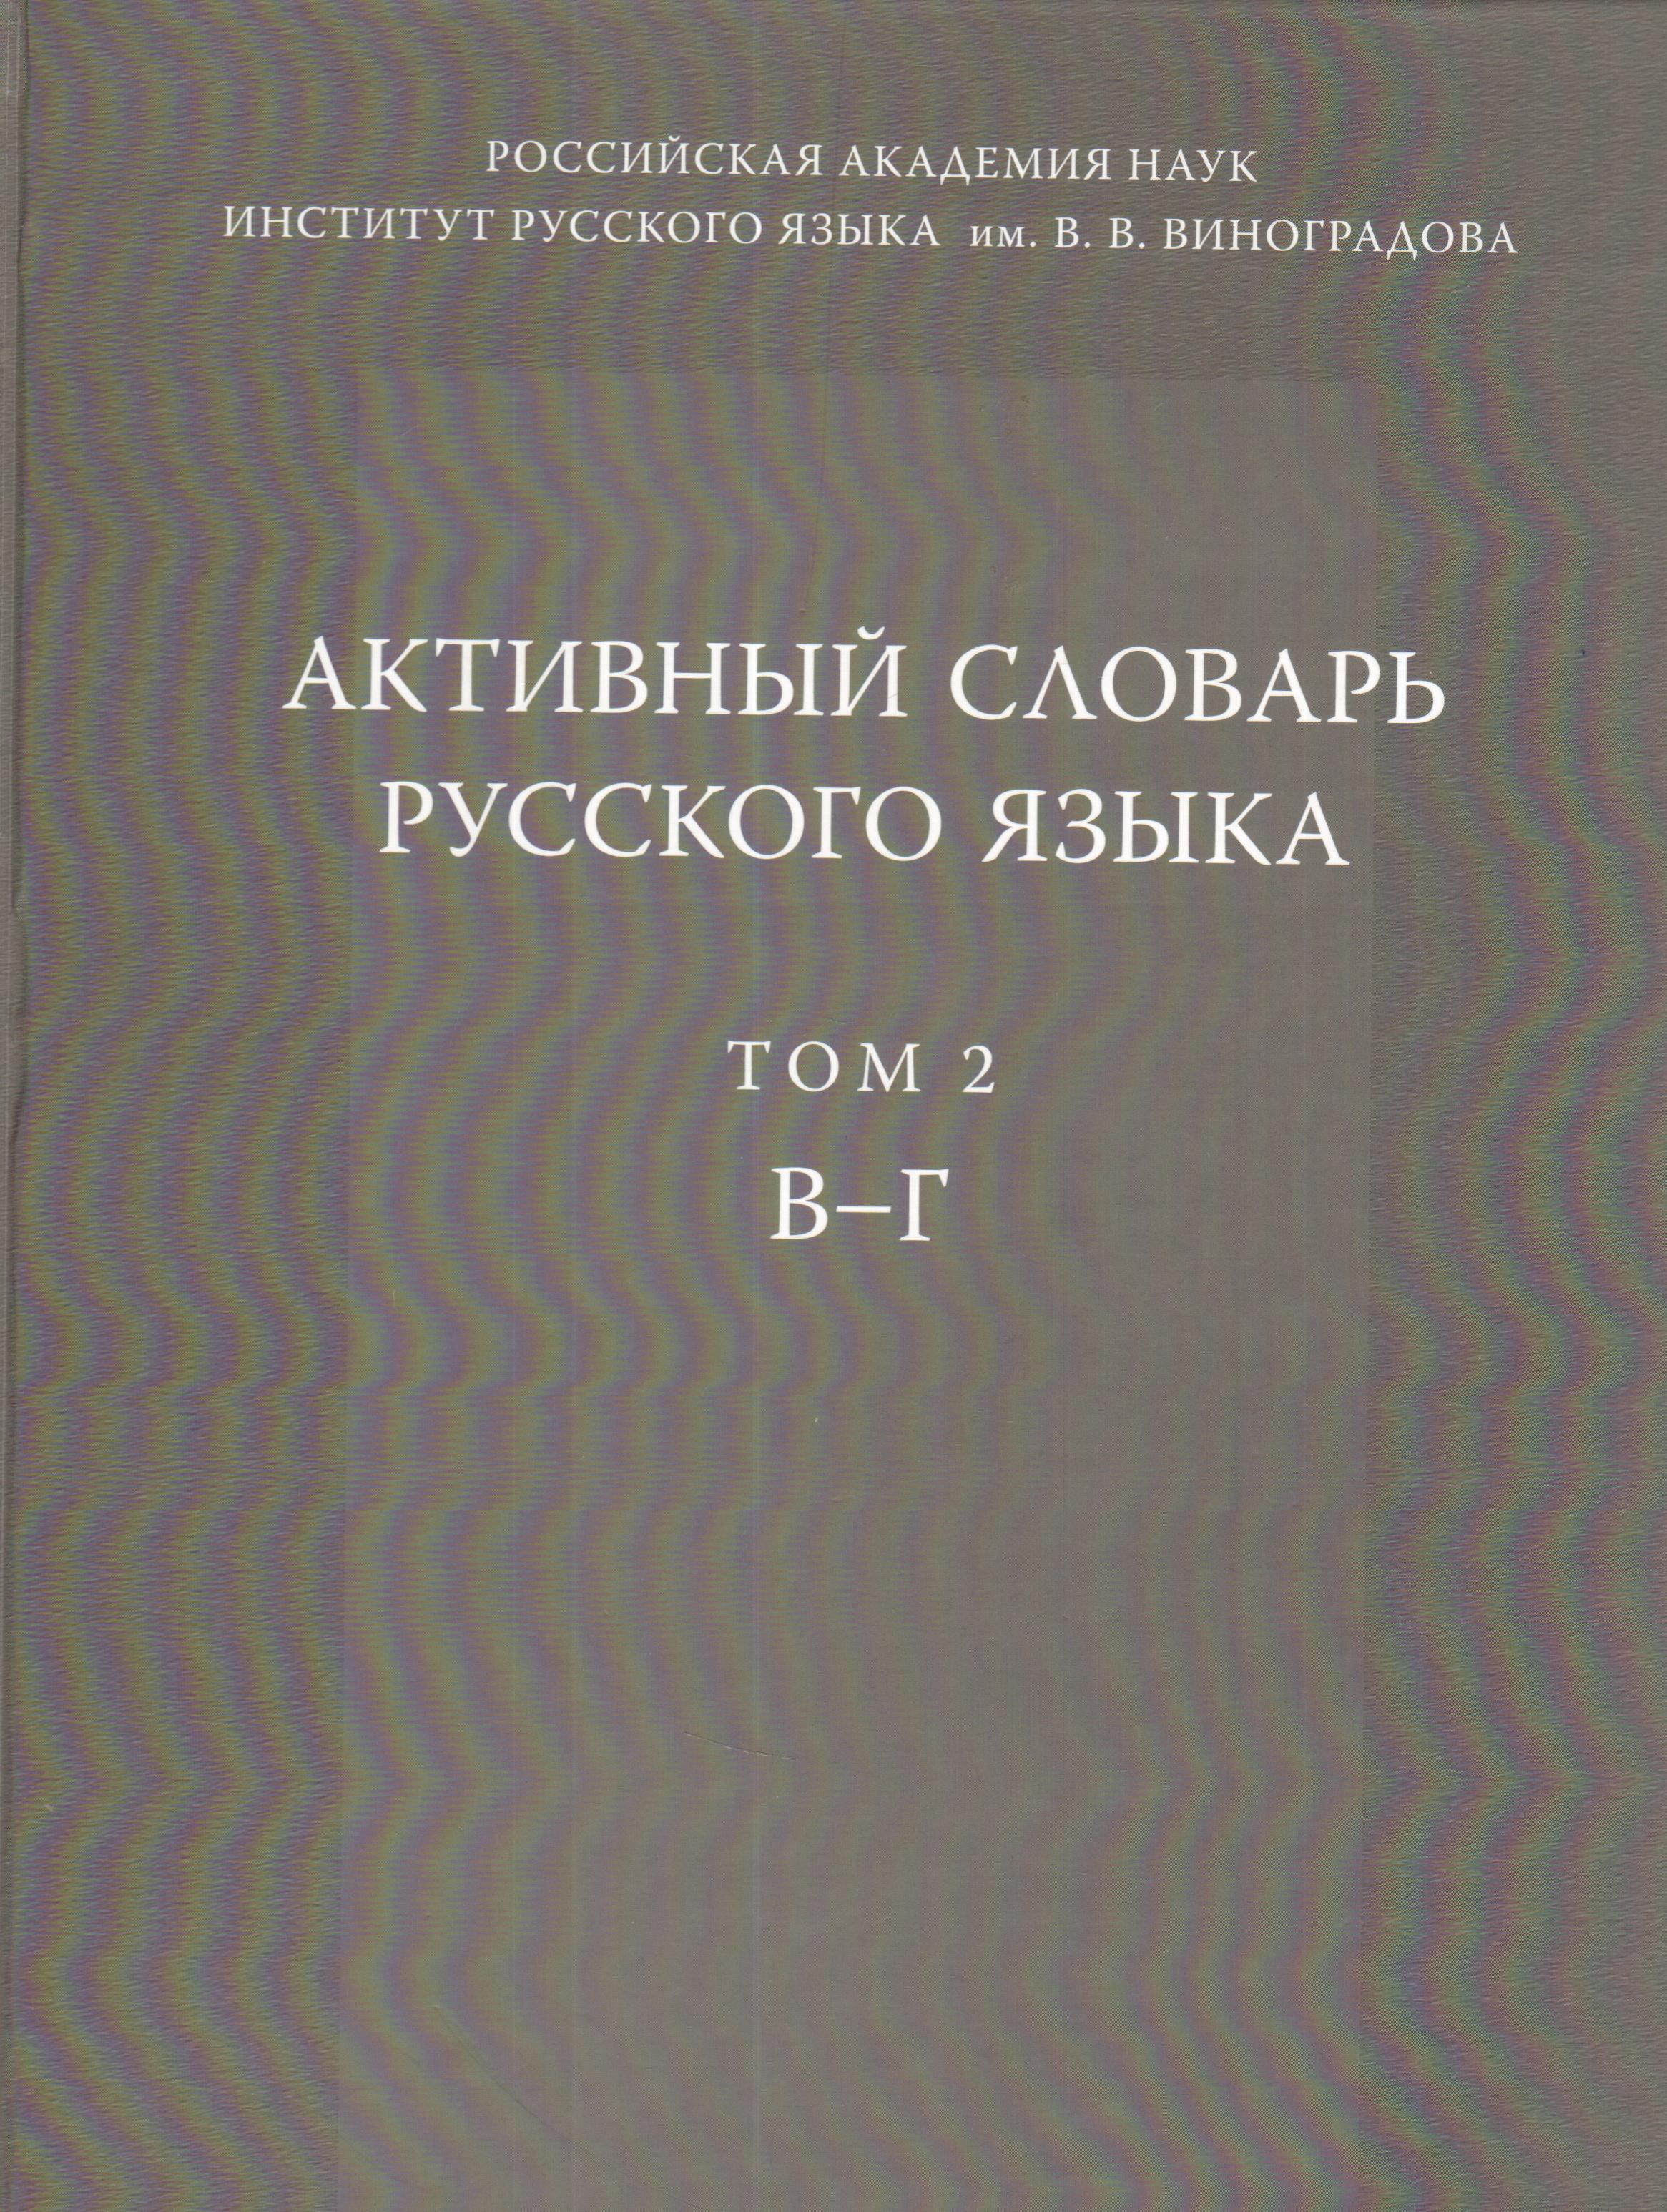 Активный словарь русского языка Т.2. В-Г